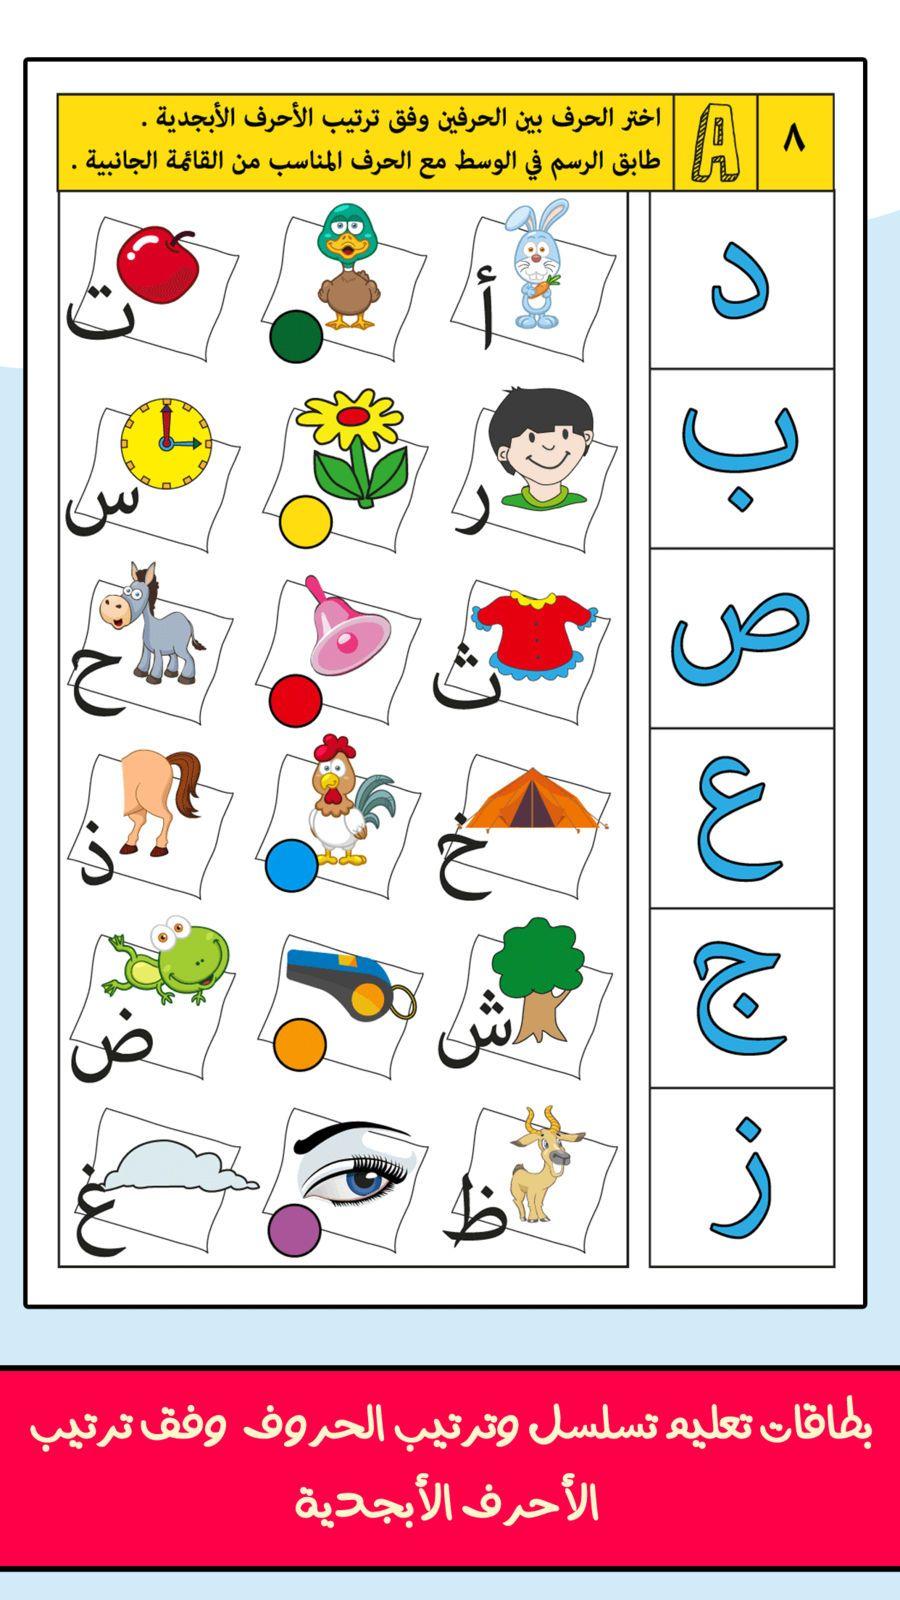 برنامج مدرسة و روضة تعليم الاطفال المجاني تعلم و العب حروف و كلمات العاب تعليمية للصغار باللغة العربي Arabic Alphabet For Kids Arabic Kids Learning Arabic